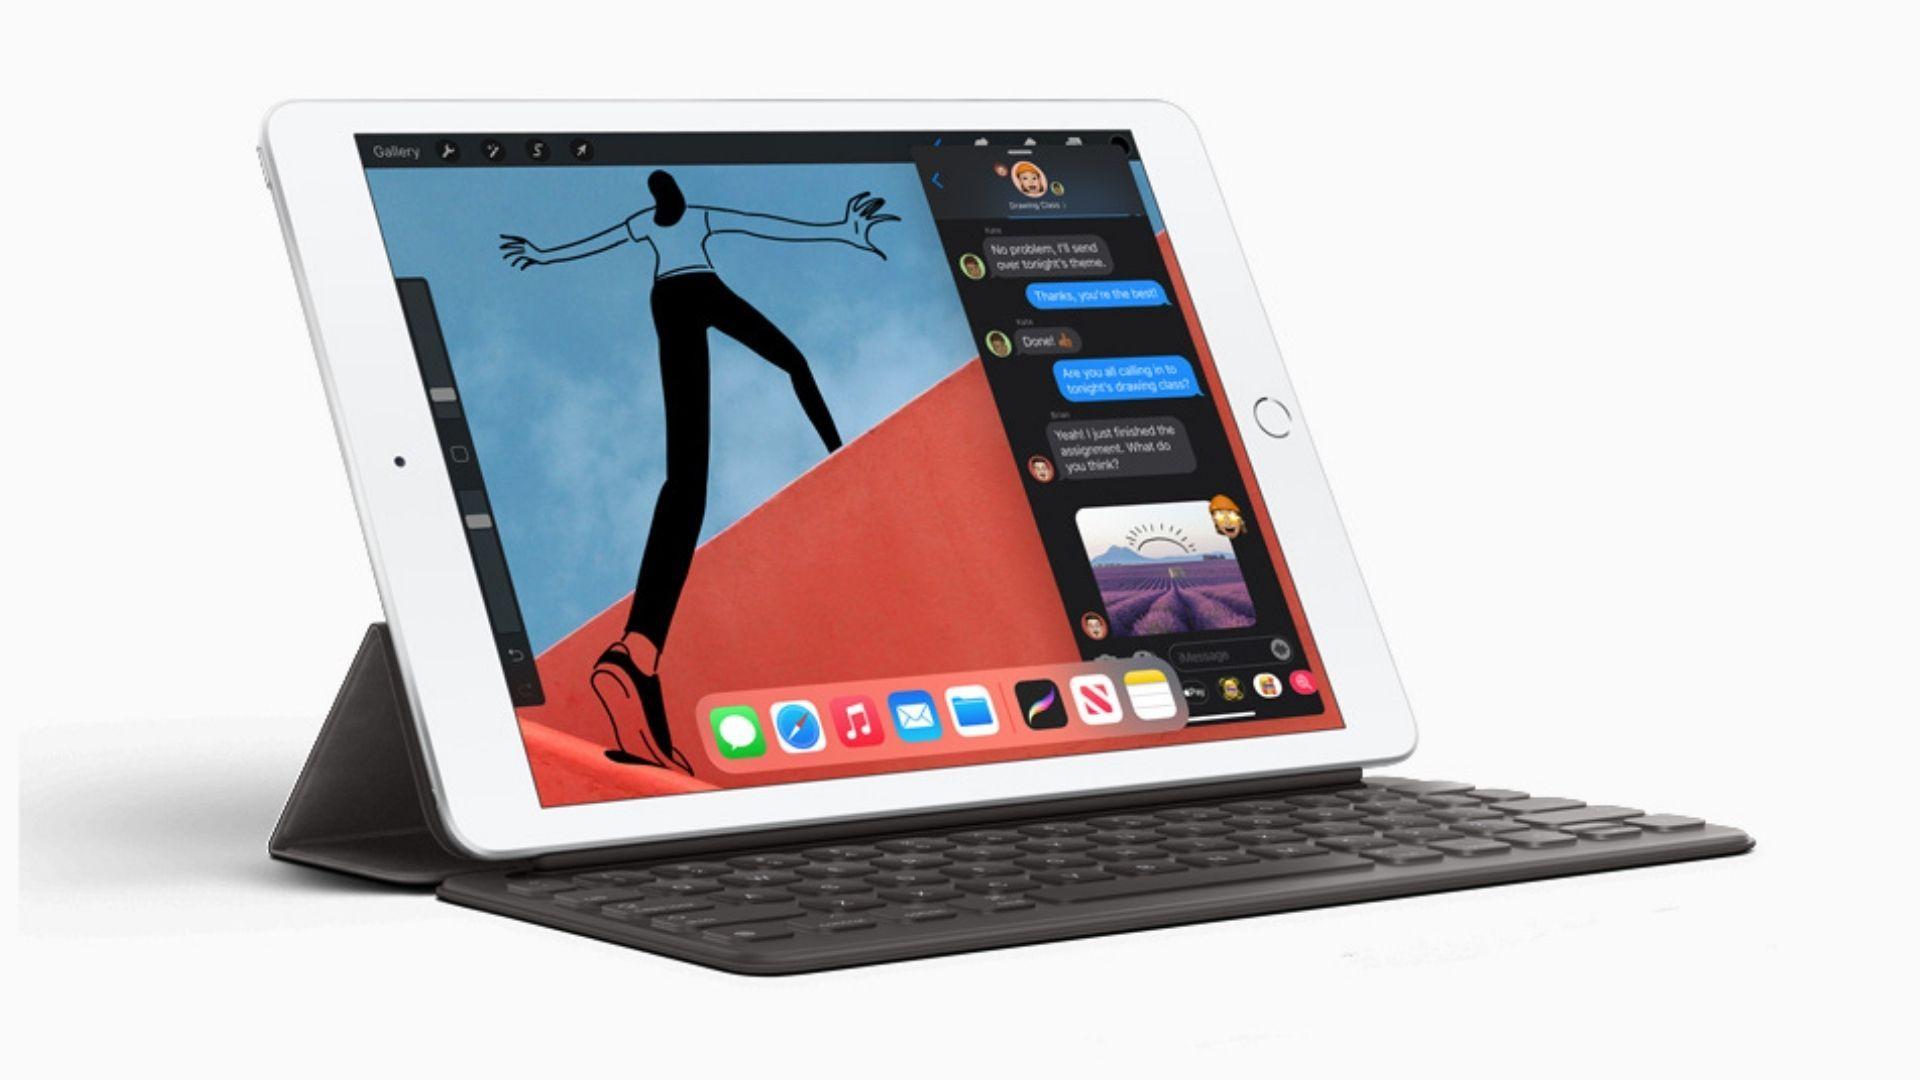 iPad 8ª Geração 128 GB e 32 GB foram as opções lançadas pela Apple (Foto: Divulgação / Apple)